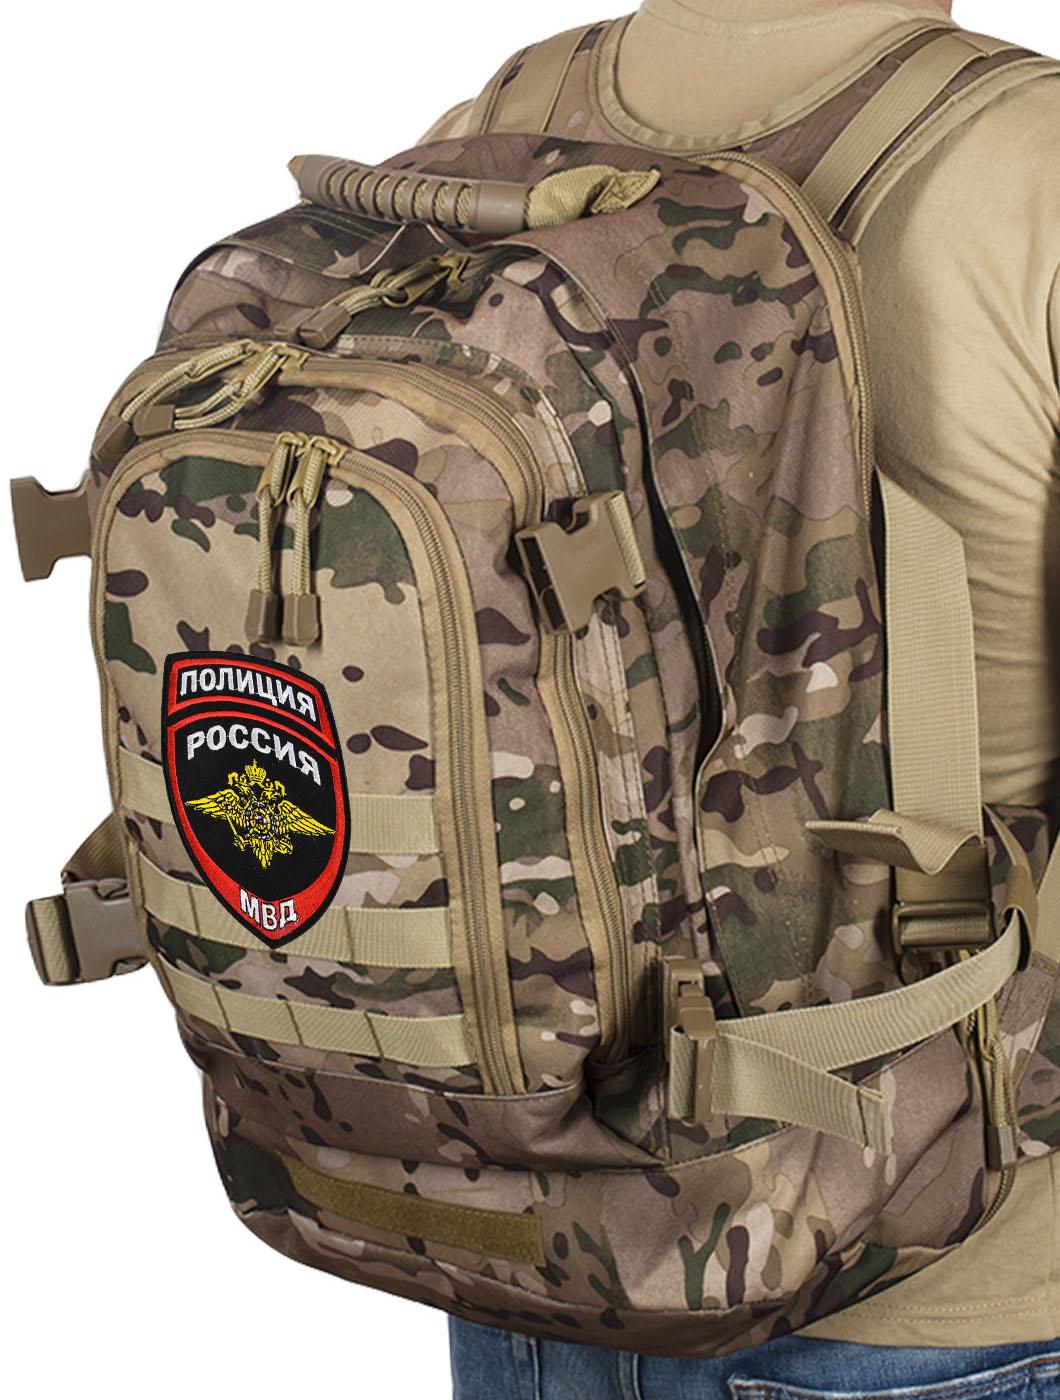 Рейдовый эргономичный рюкзак с нашивкой Полиция России